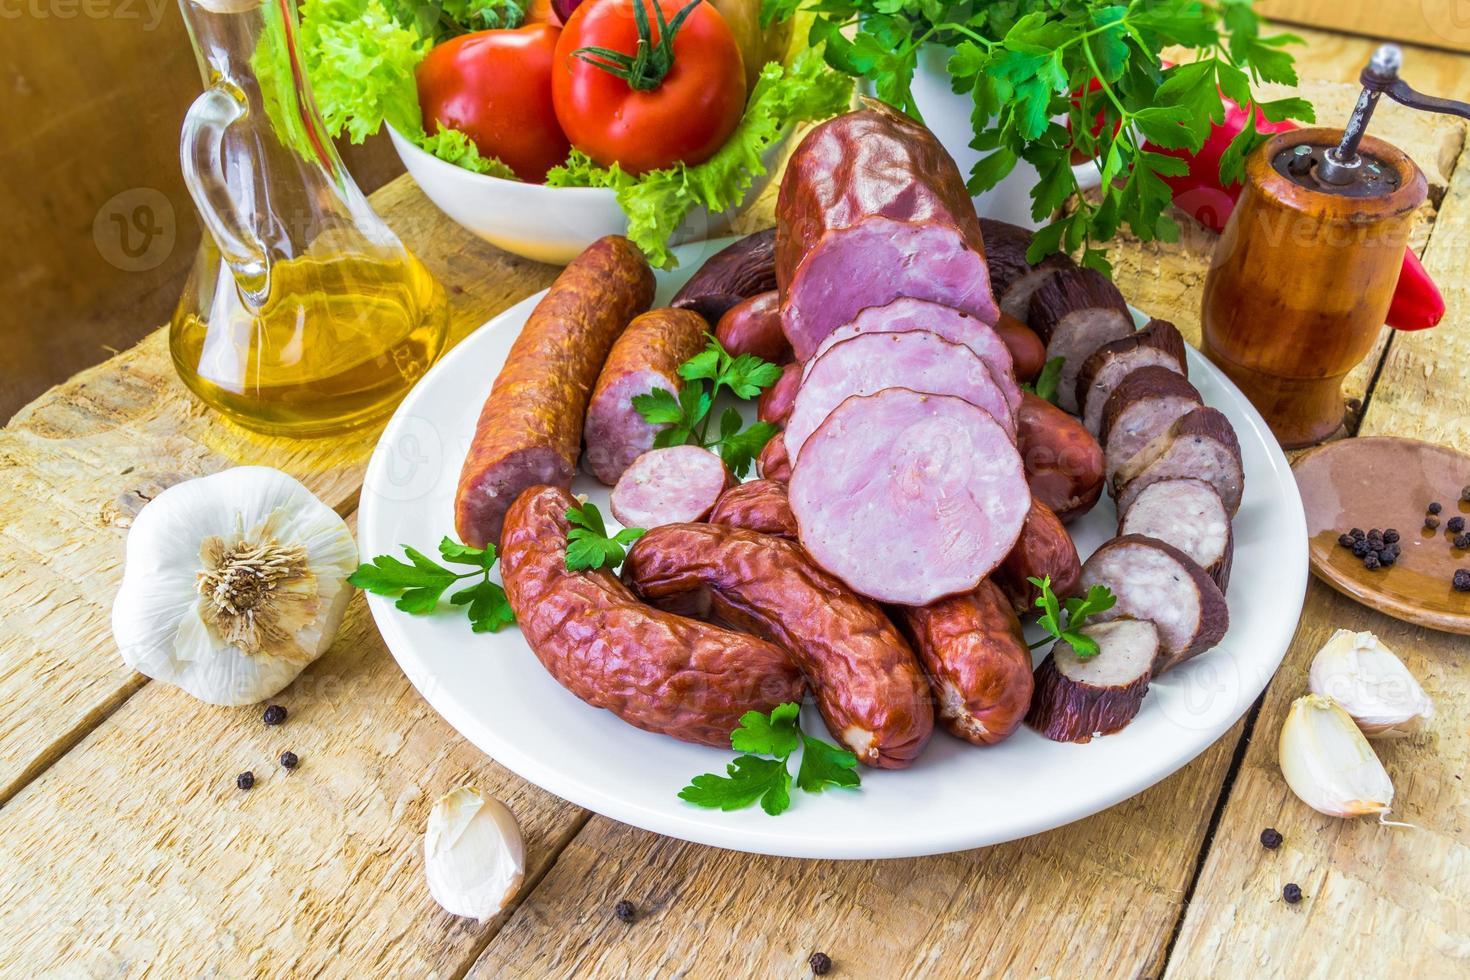 assiette divers types de saucisses entourées de verts photo